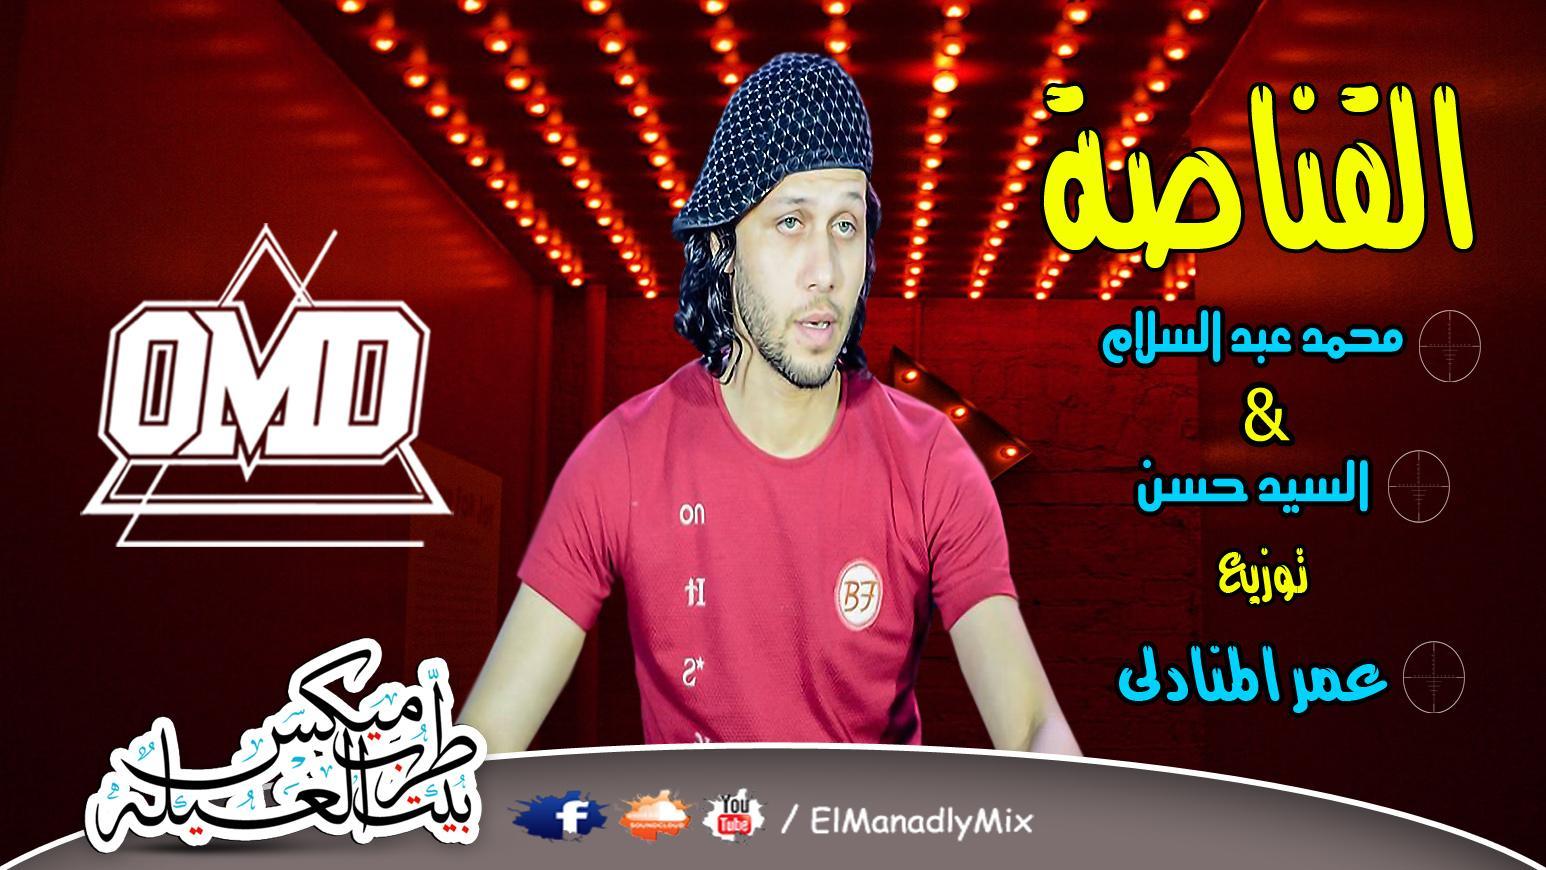 مزيكا القناصة - محمد عبد السلام والسيد حسن توزيع درامز عمر المنادلى 2019